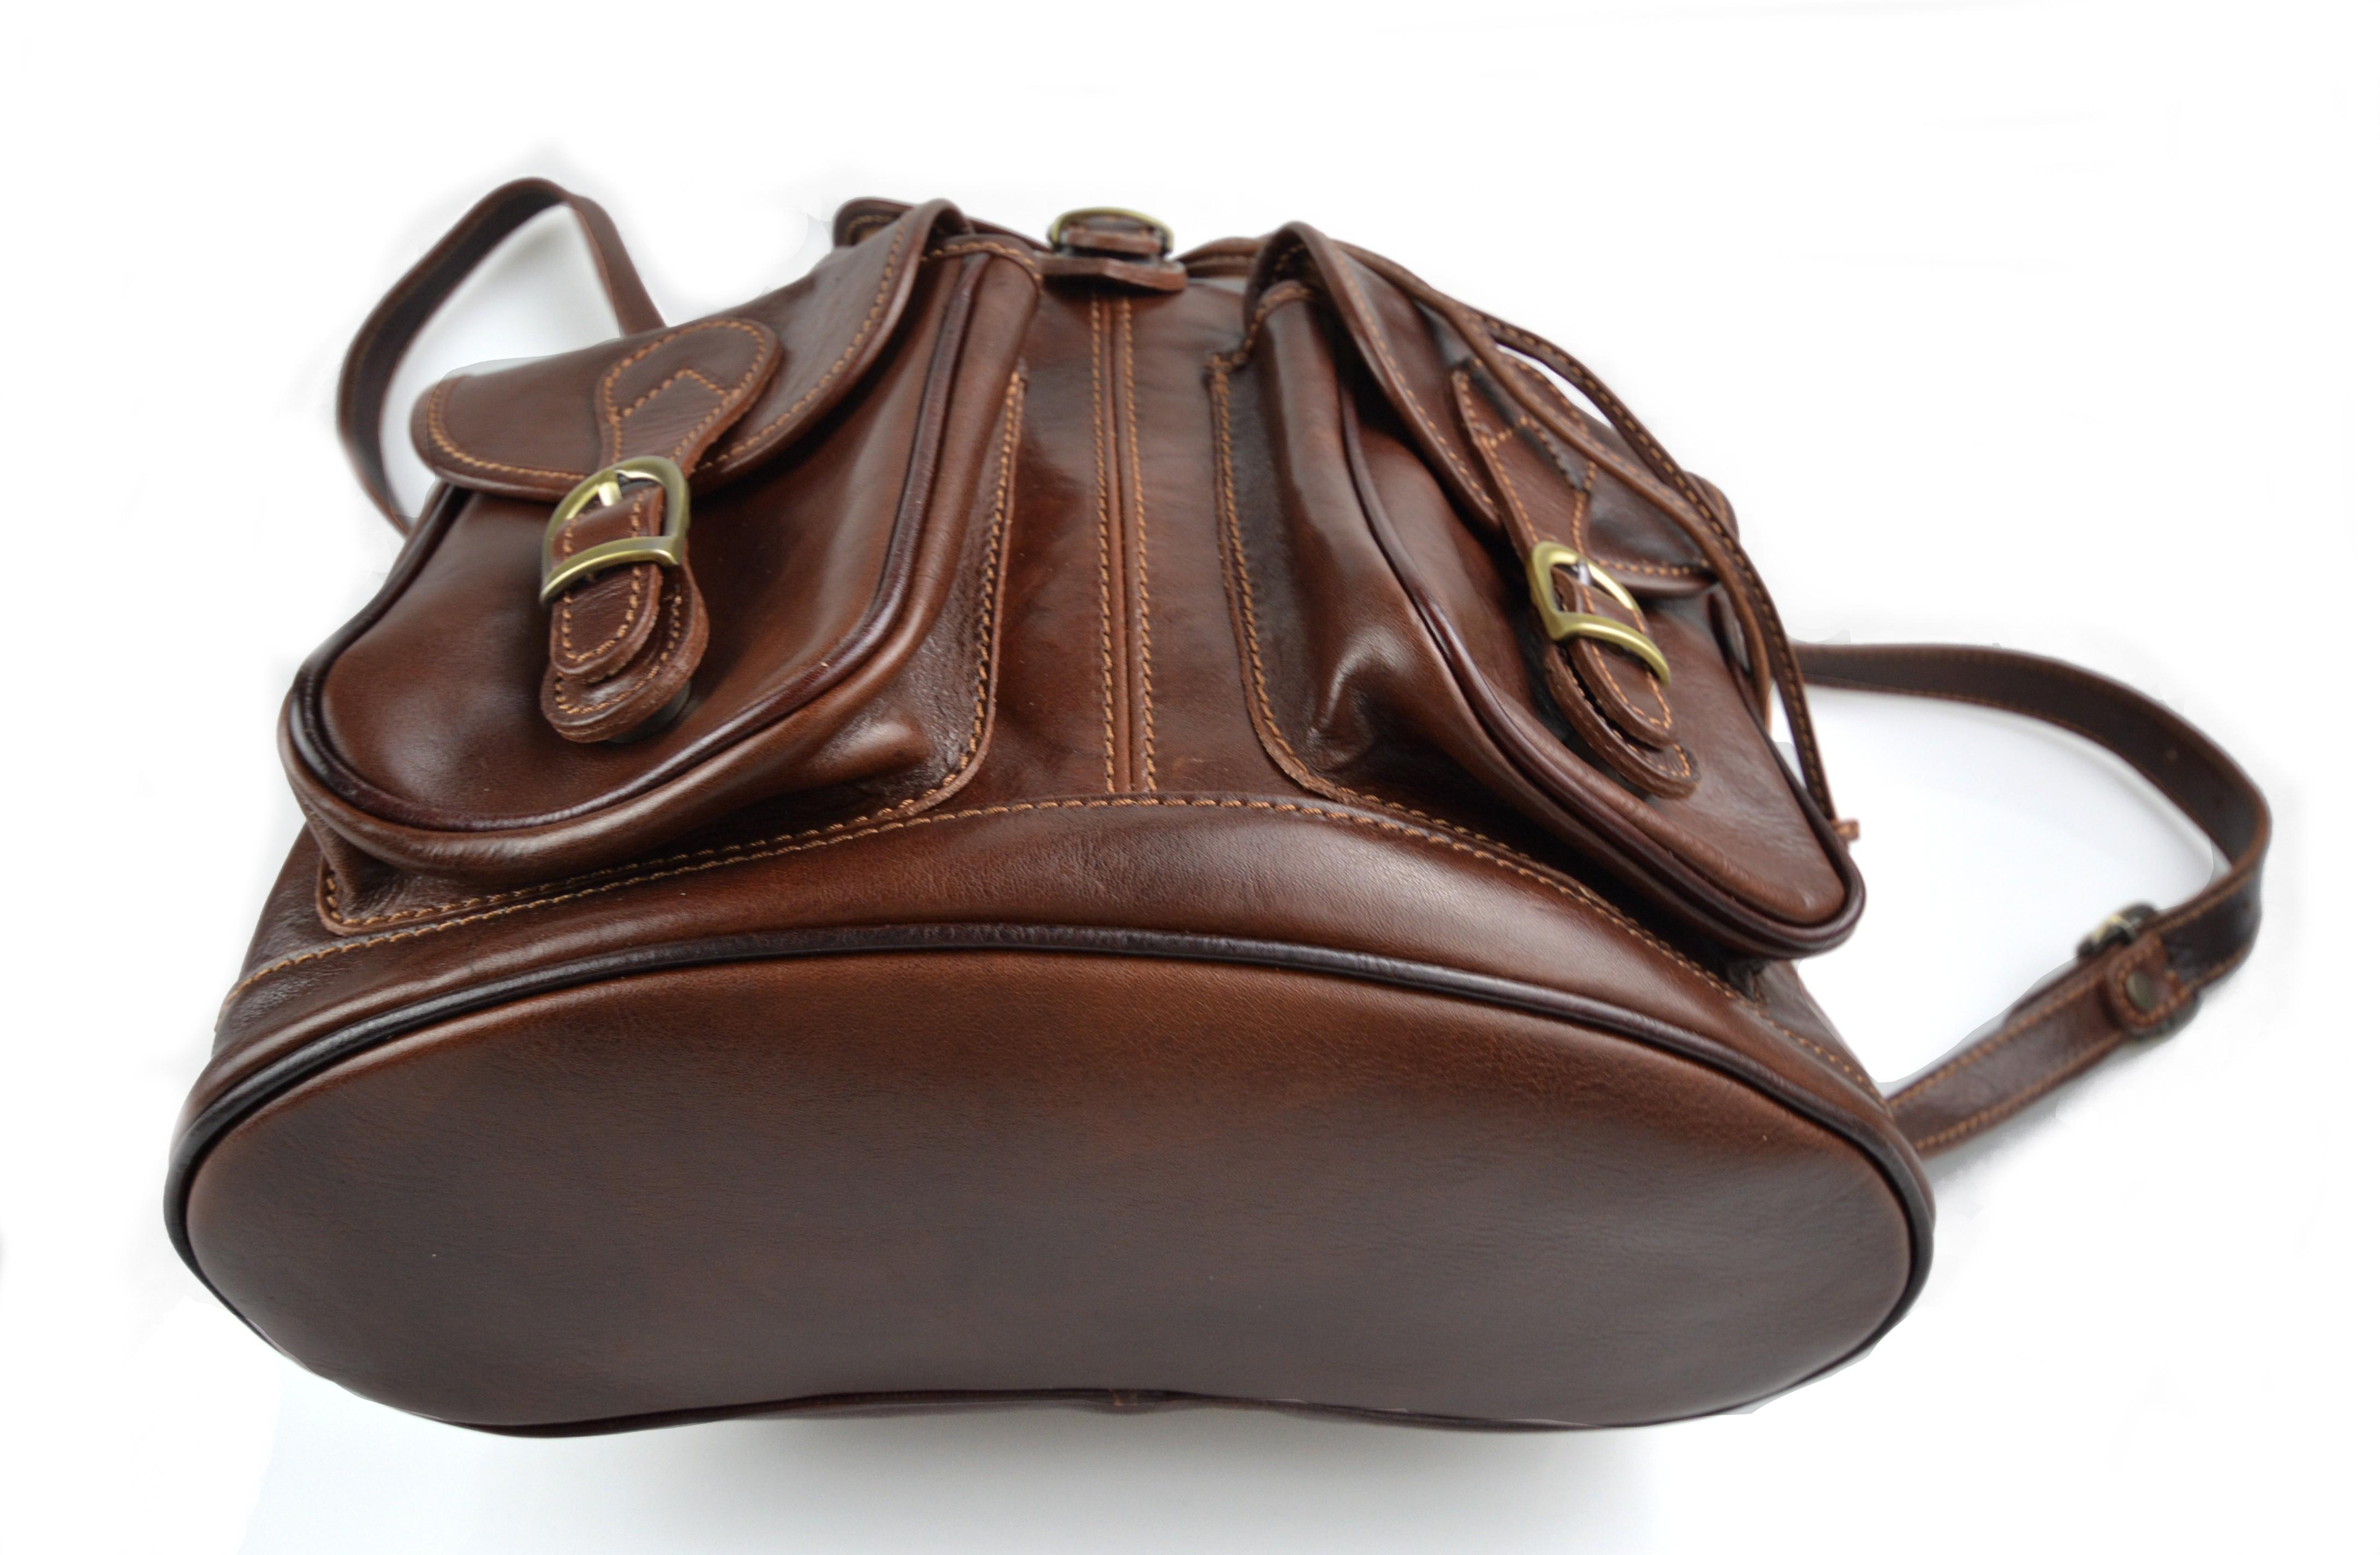 Cartella pelle borsa ufficio uomo donna valigetta 24 ore nero 079626c04f3